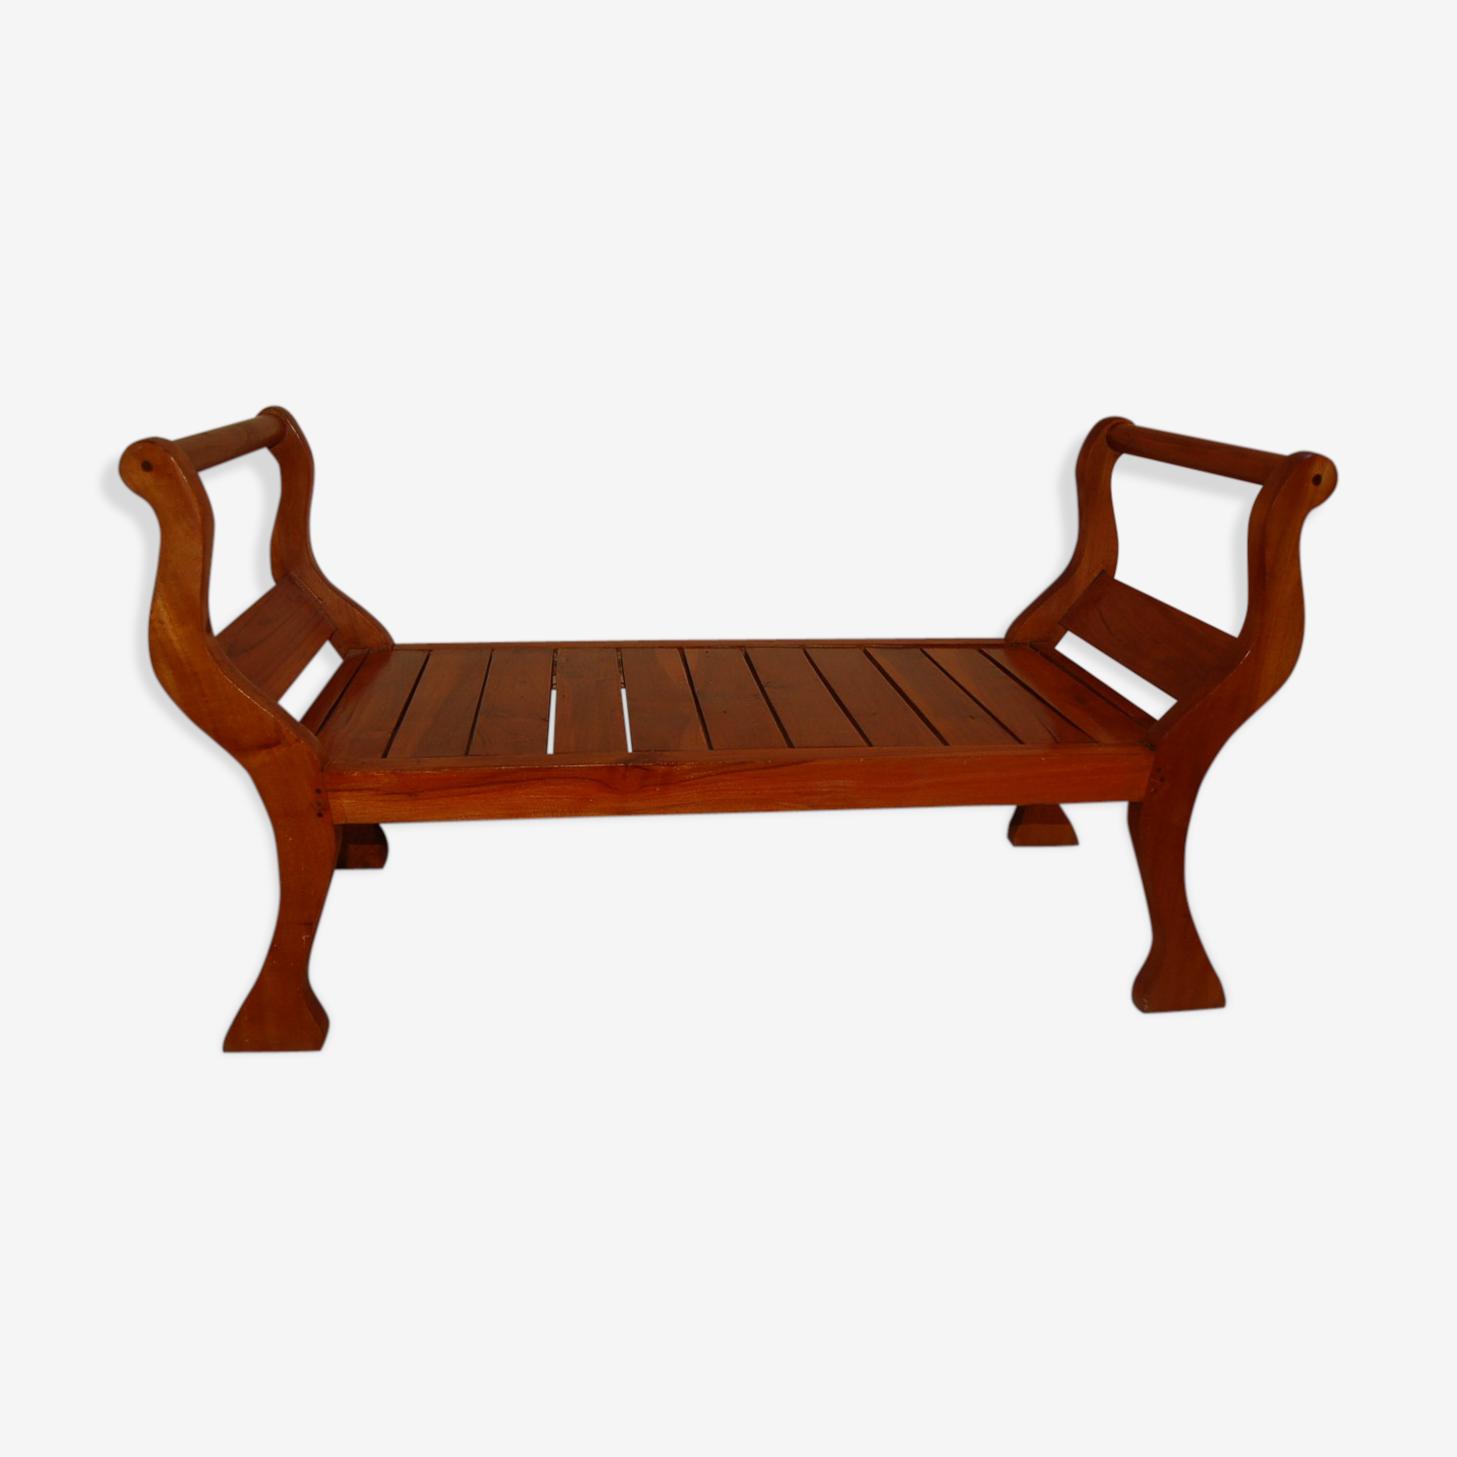 Mahogany colonial bench 19th century.